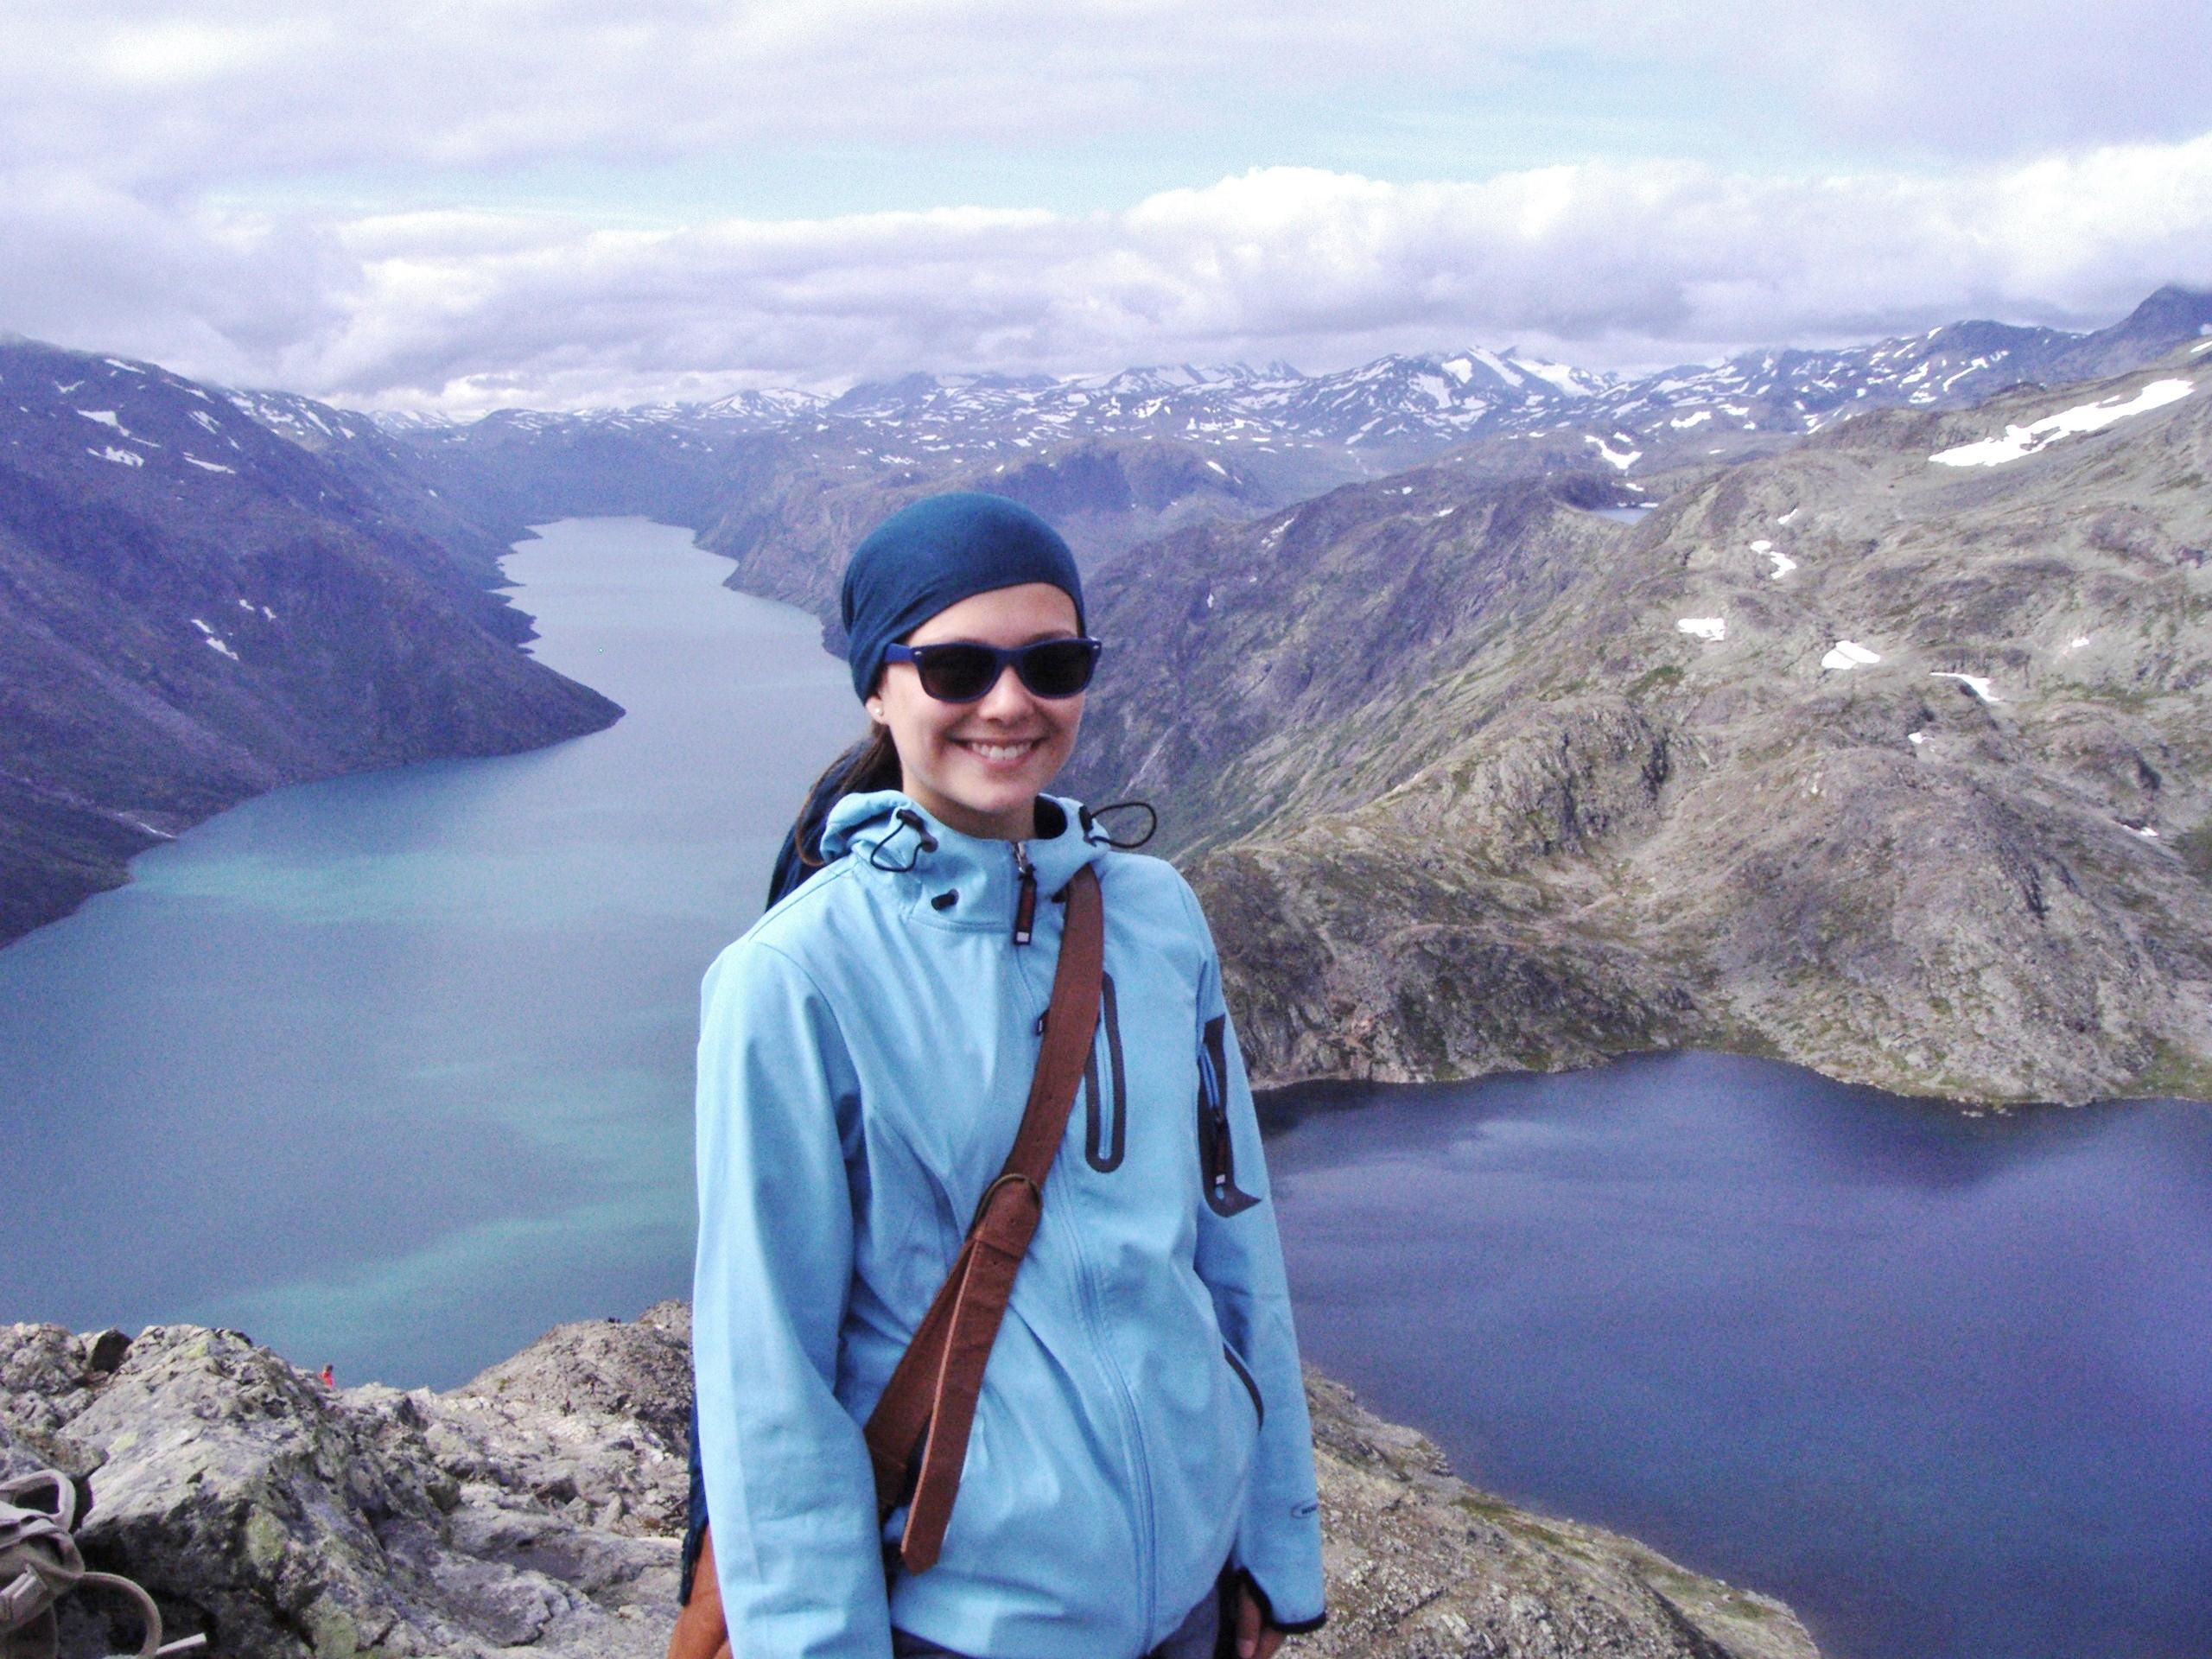 Výstup na Besseggen považuje Anka za jeden z nejkrásnějších životních zážitků